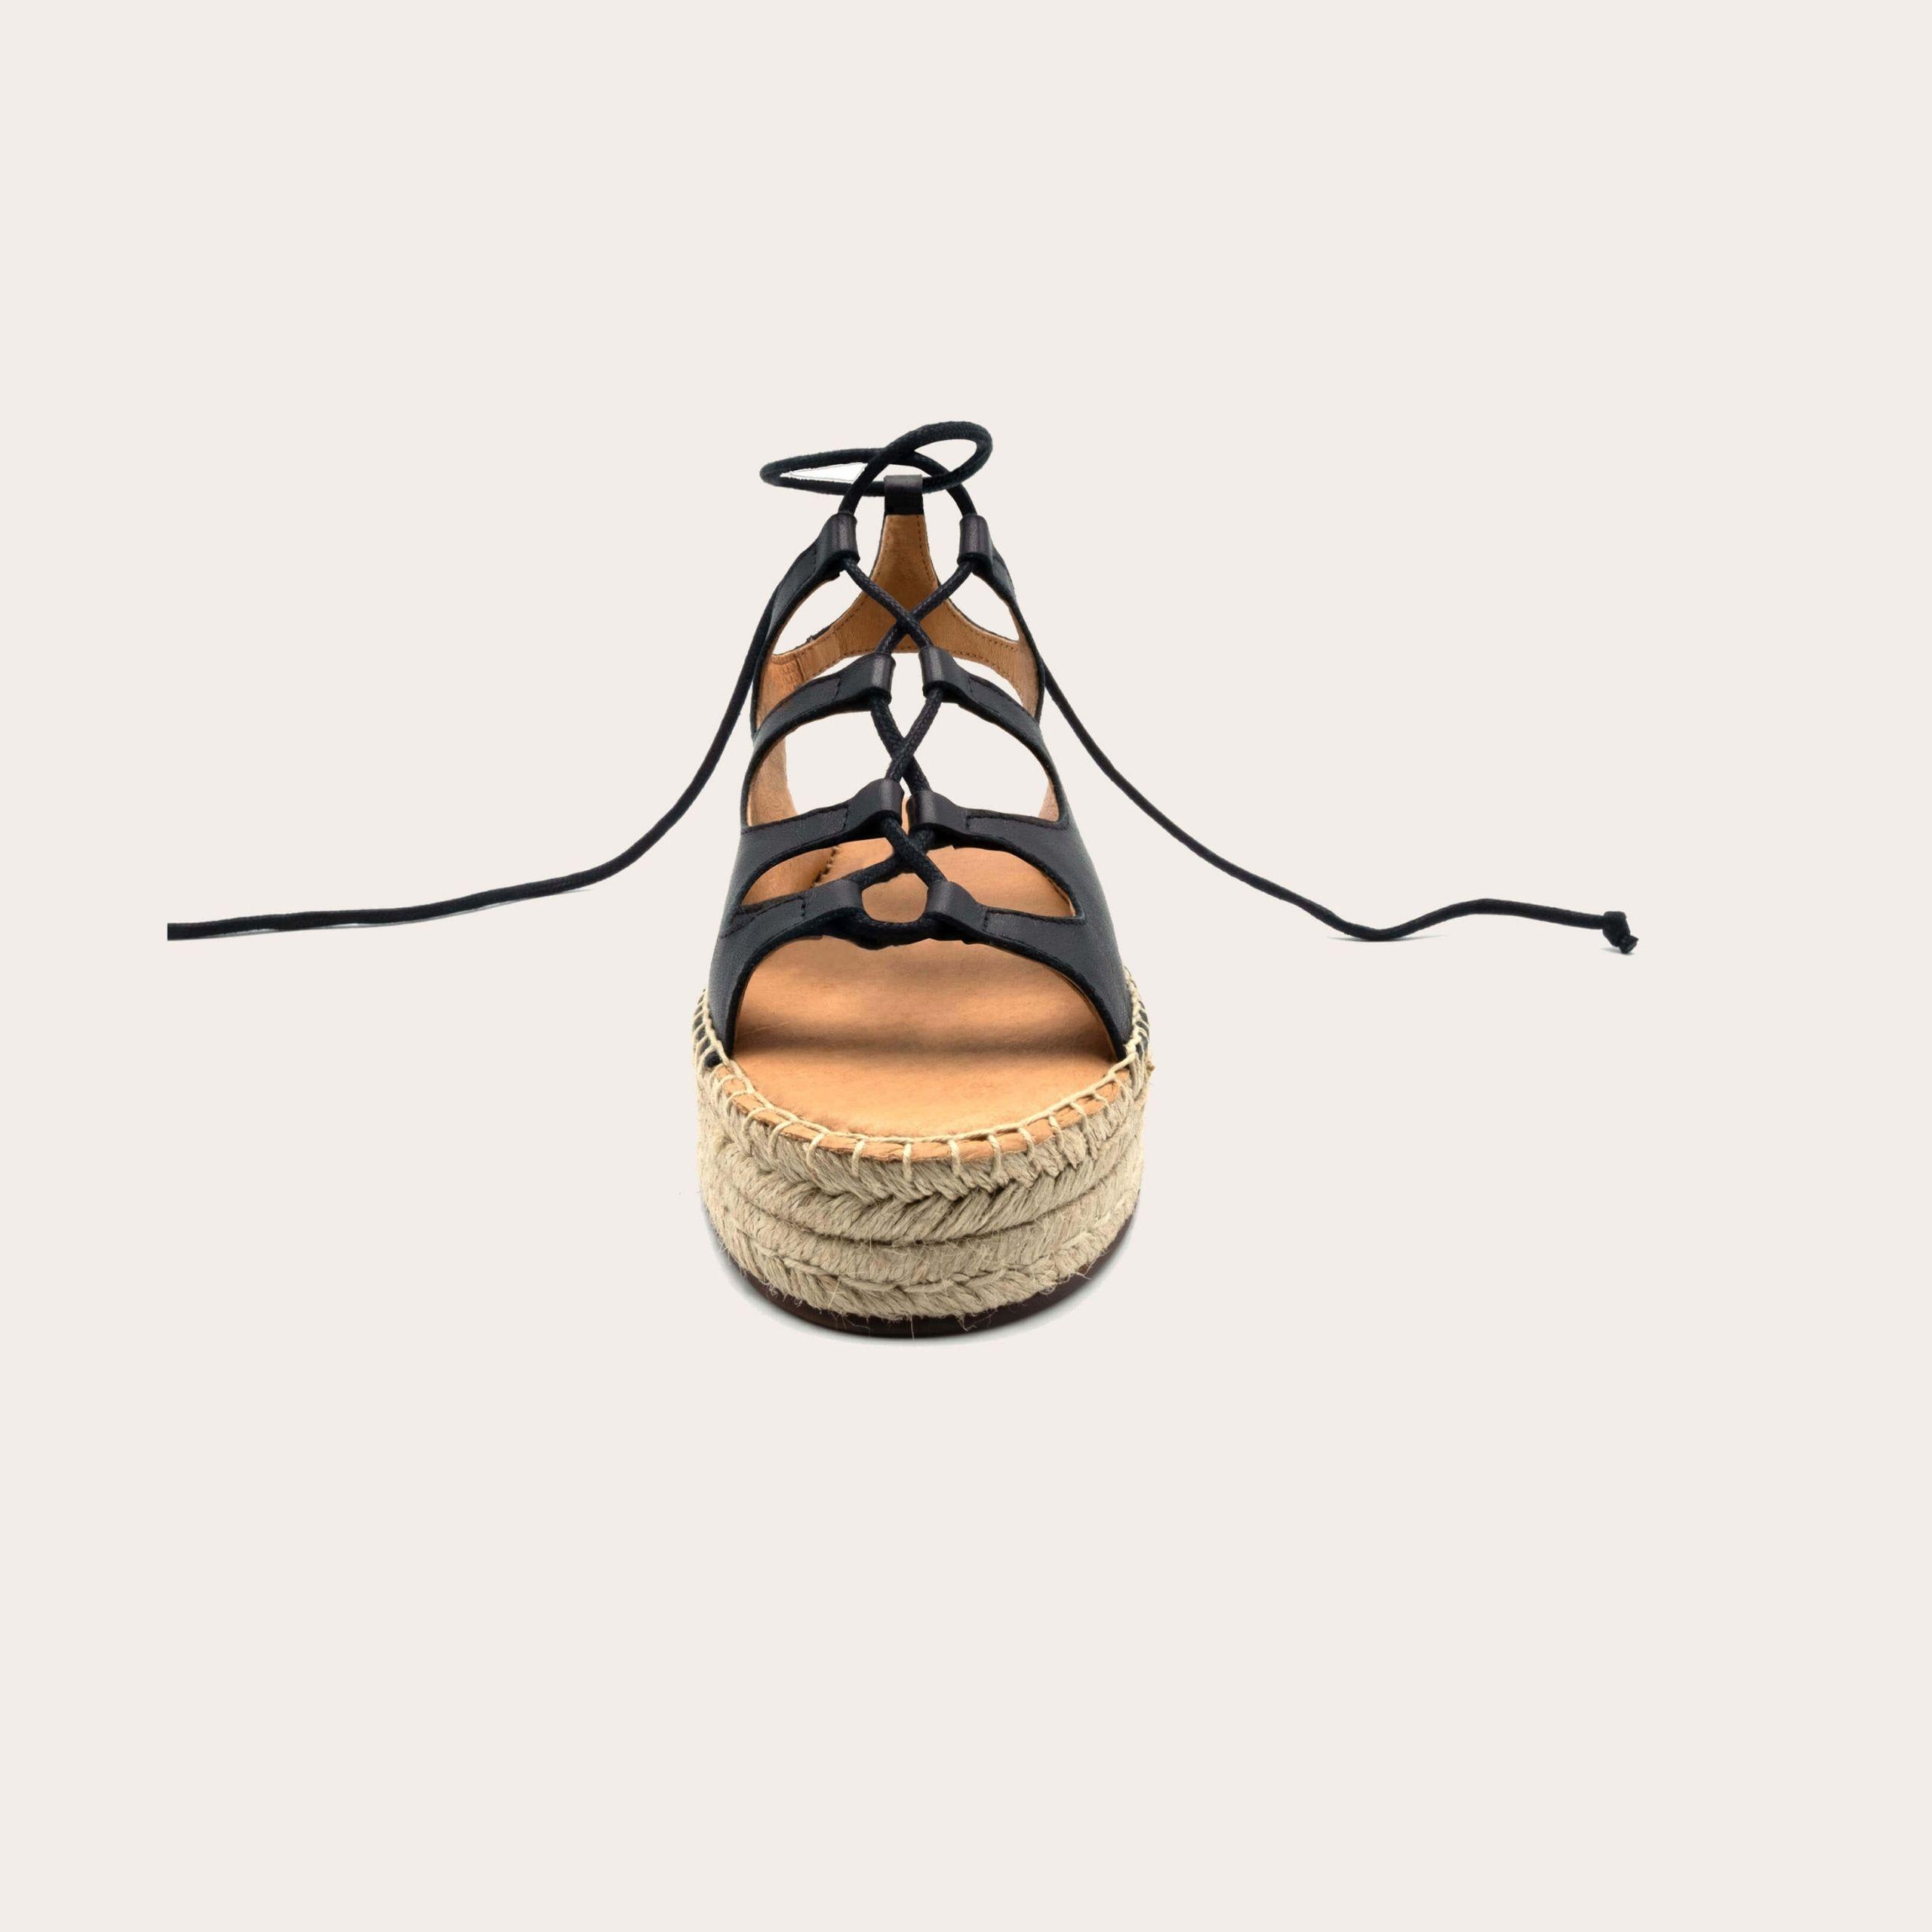 rafa-black_3_lintsandalen sandals travelsandals vegan sustainable sandals wikkelsandalen